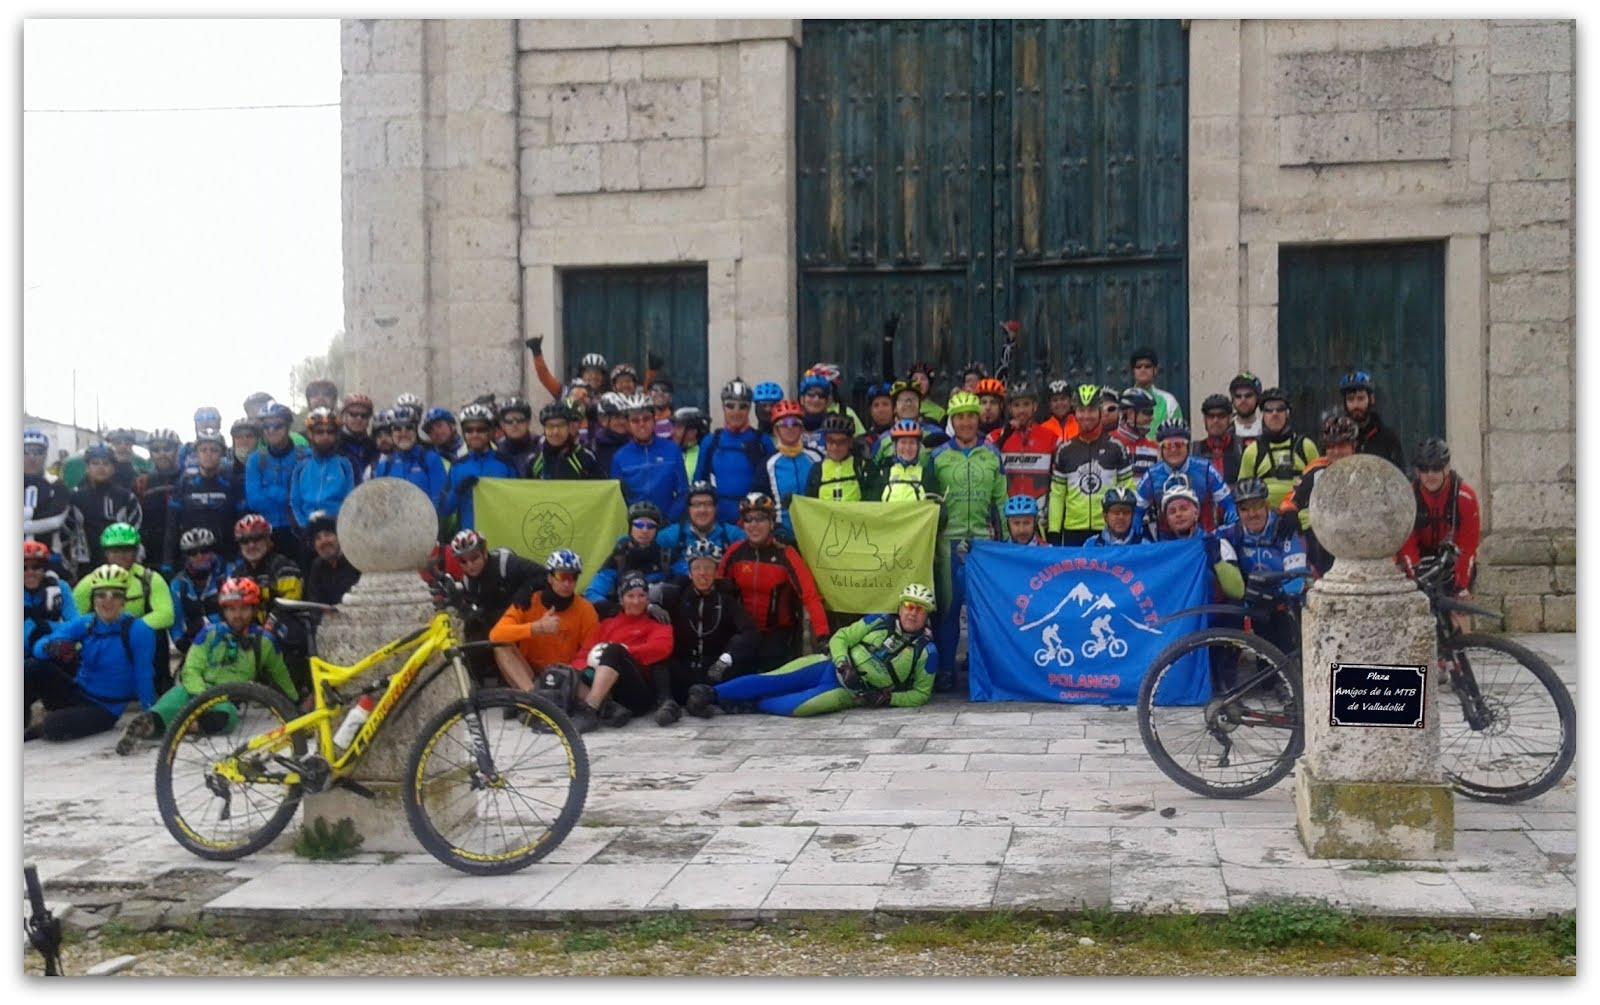 Marcha del Cocido 2016 en Tudela de Duero